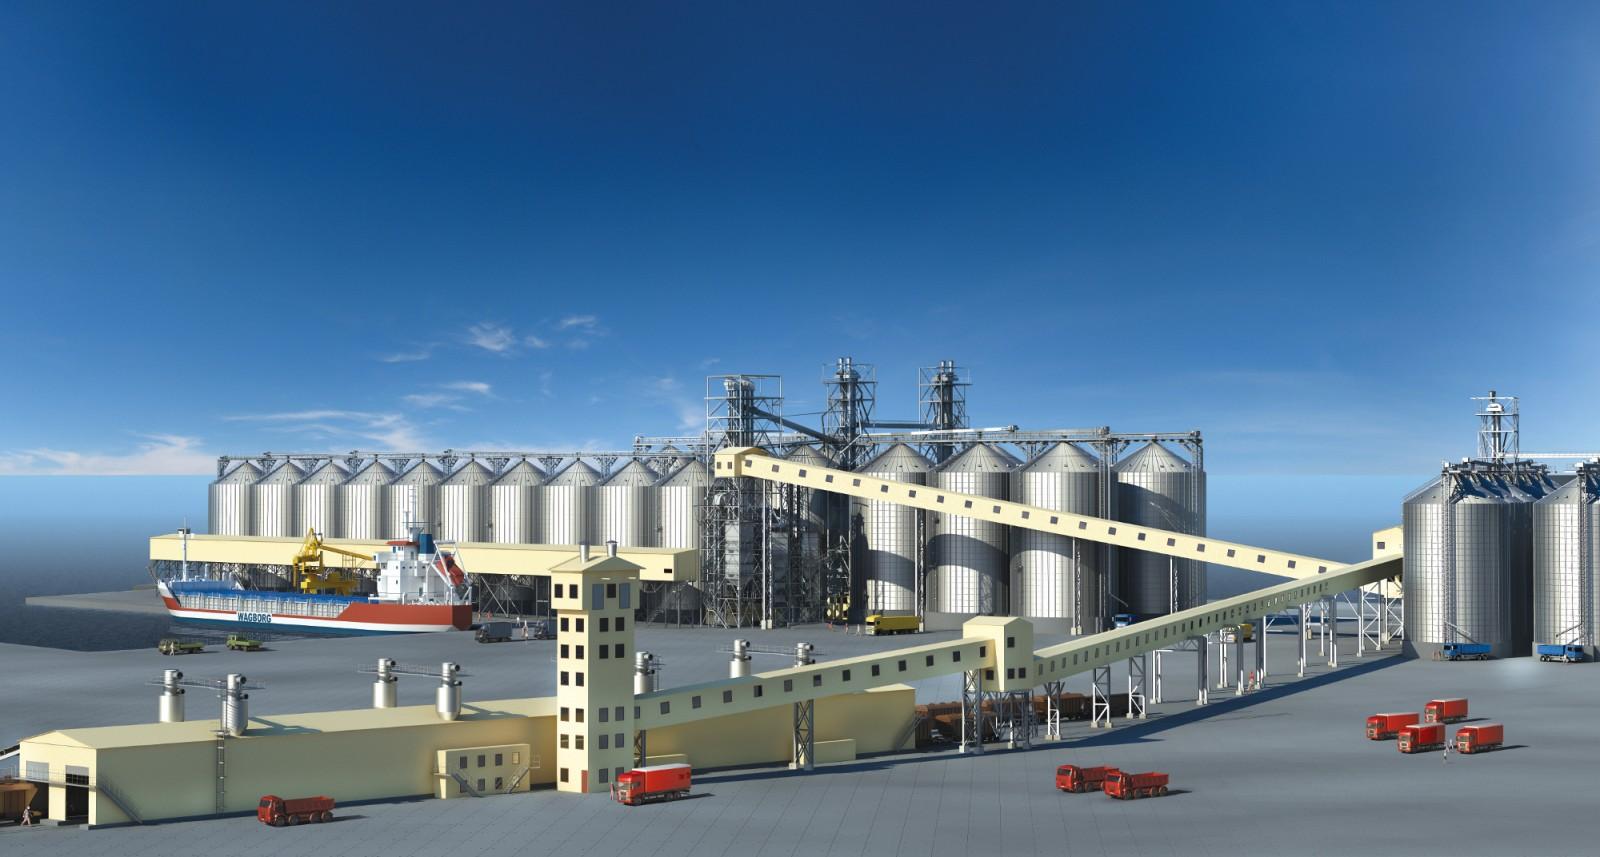 зерновые терминалы фото плиз судить